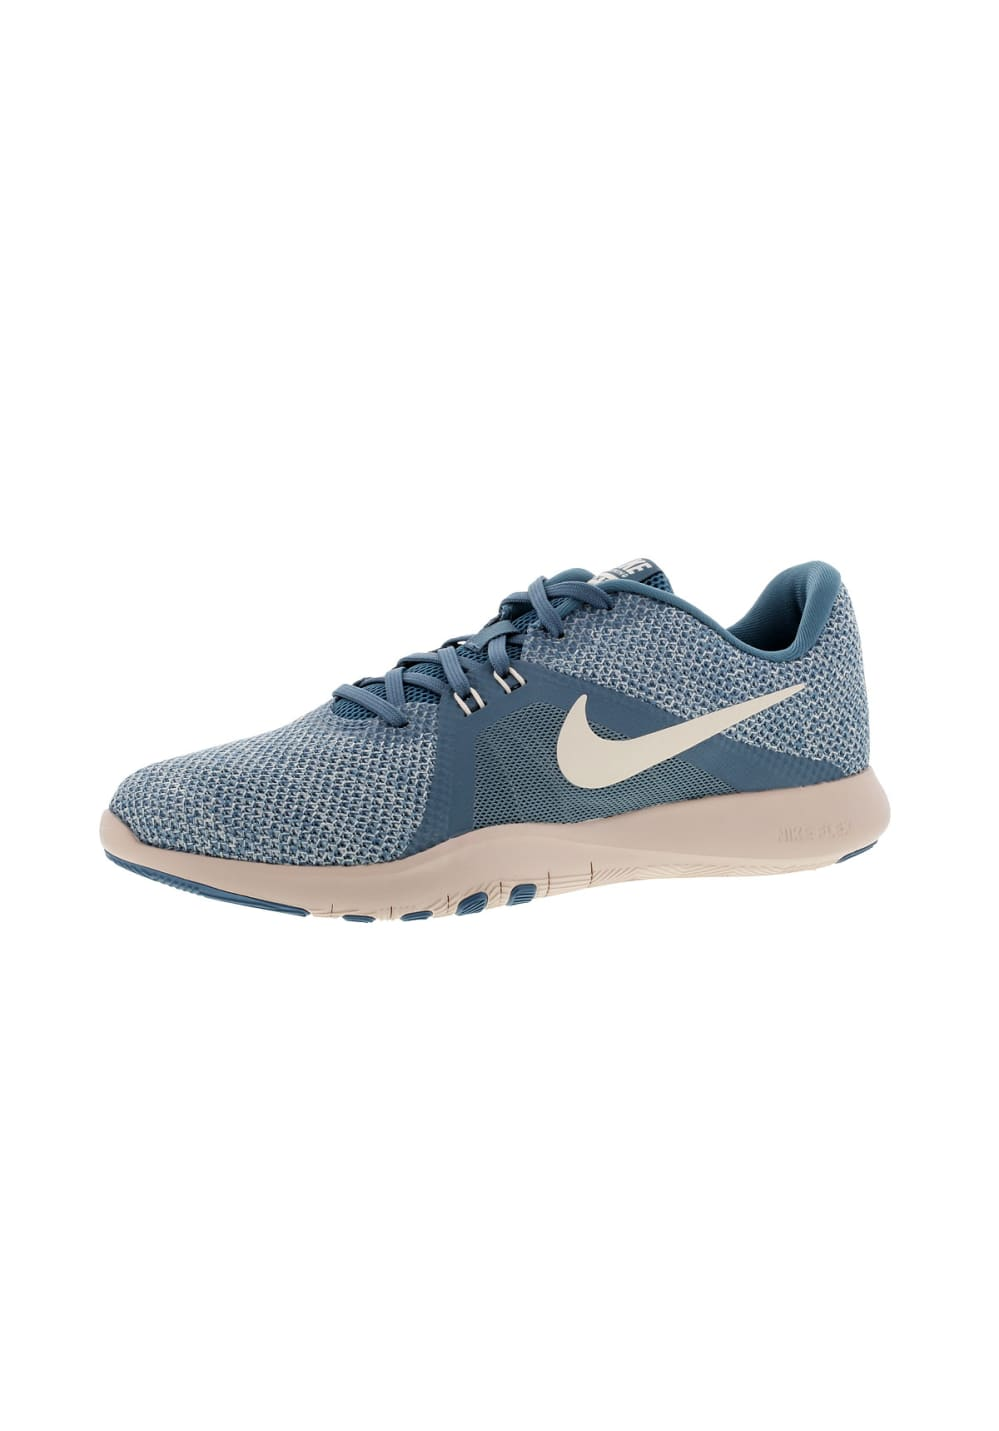 Nike Flex Trainer 8 - Fitnessschuhe für Damen - Blau